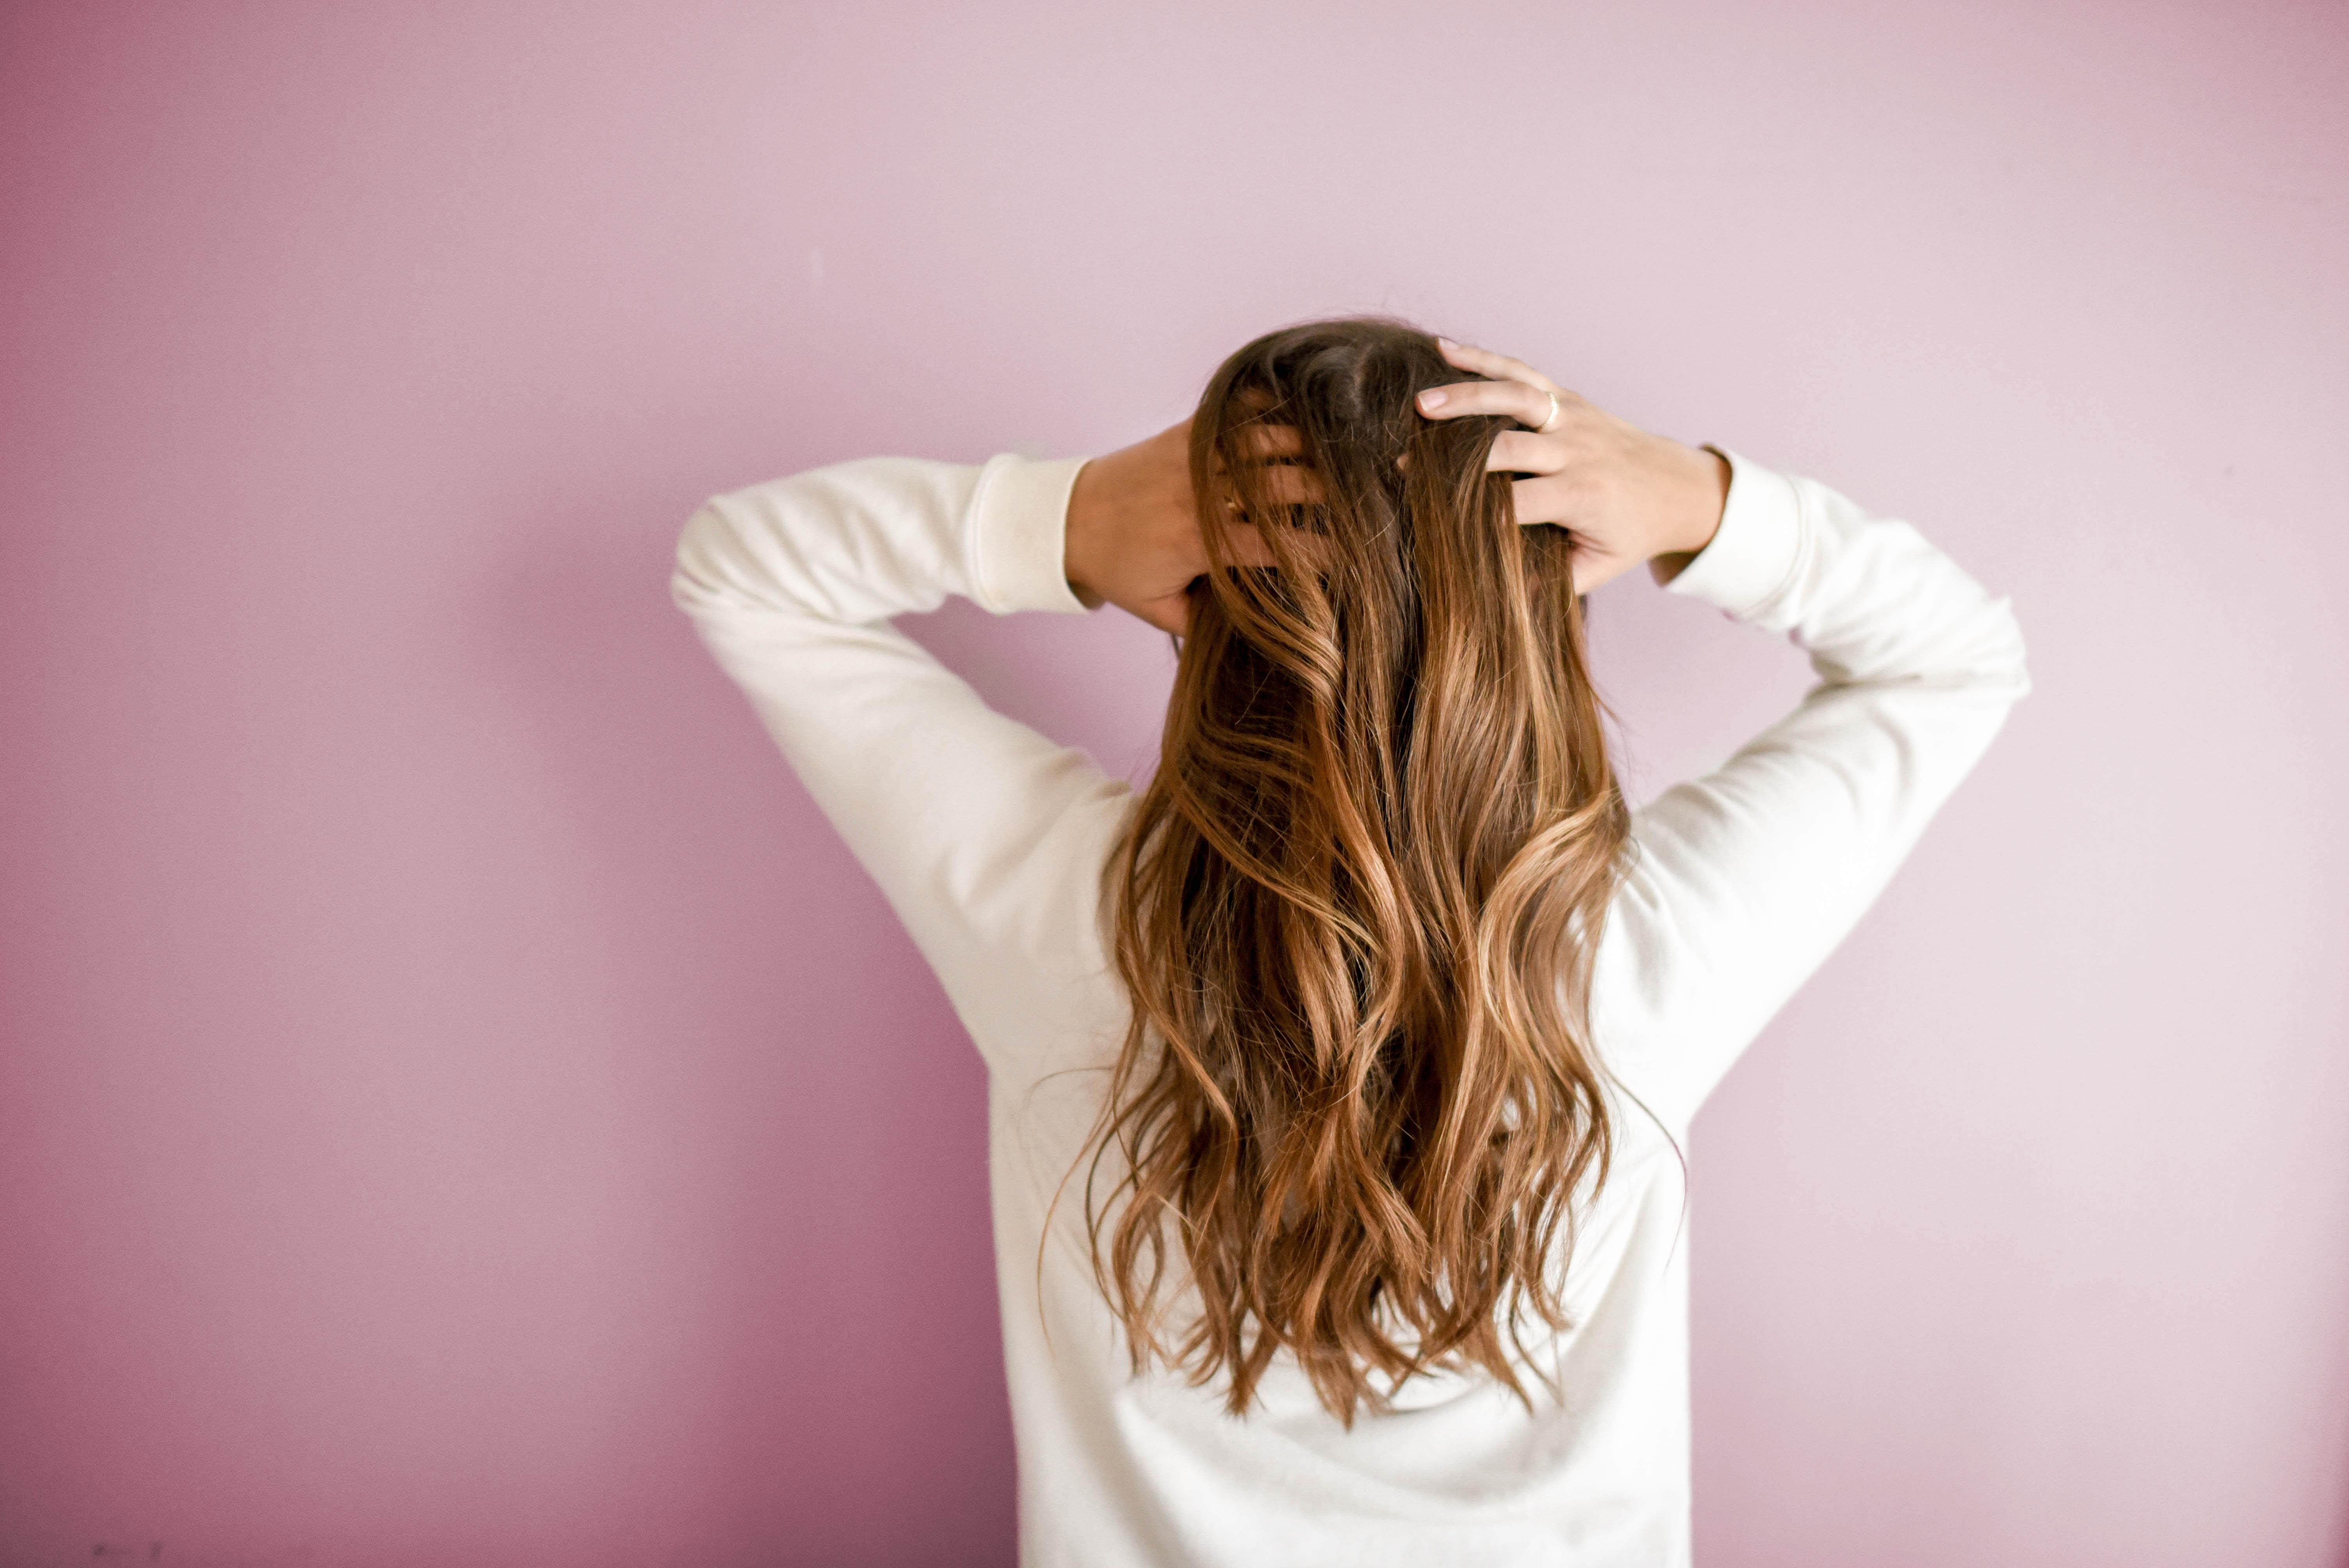 髪の毛 抜ける 夢